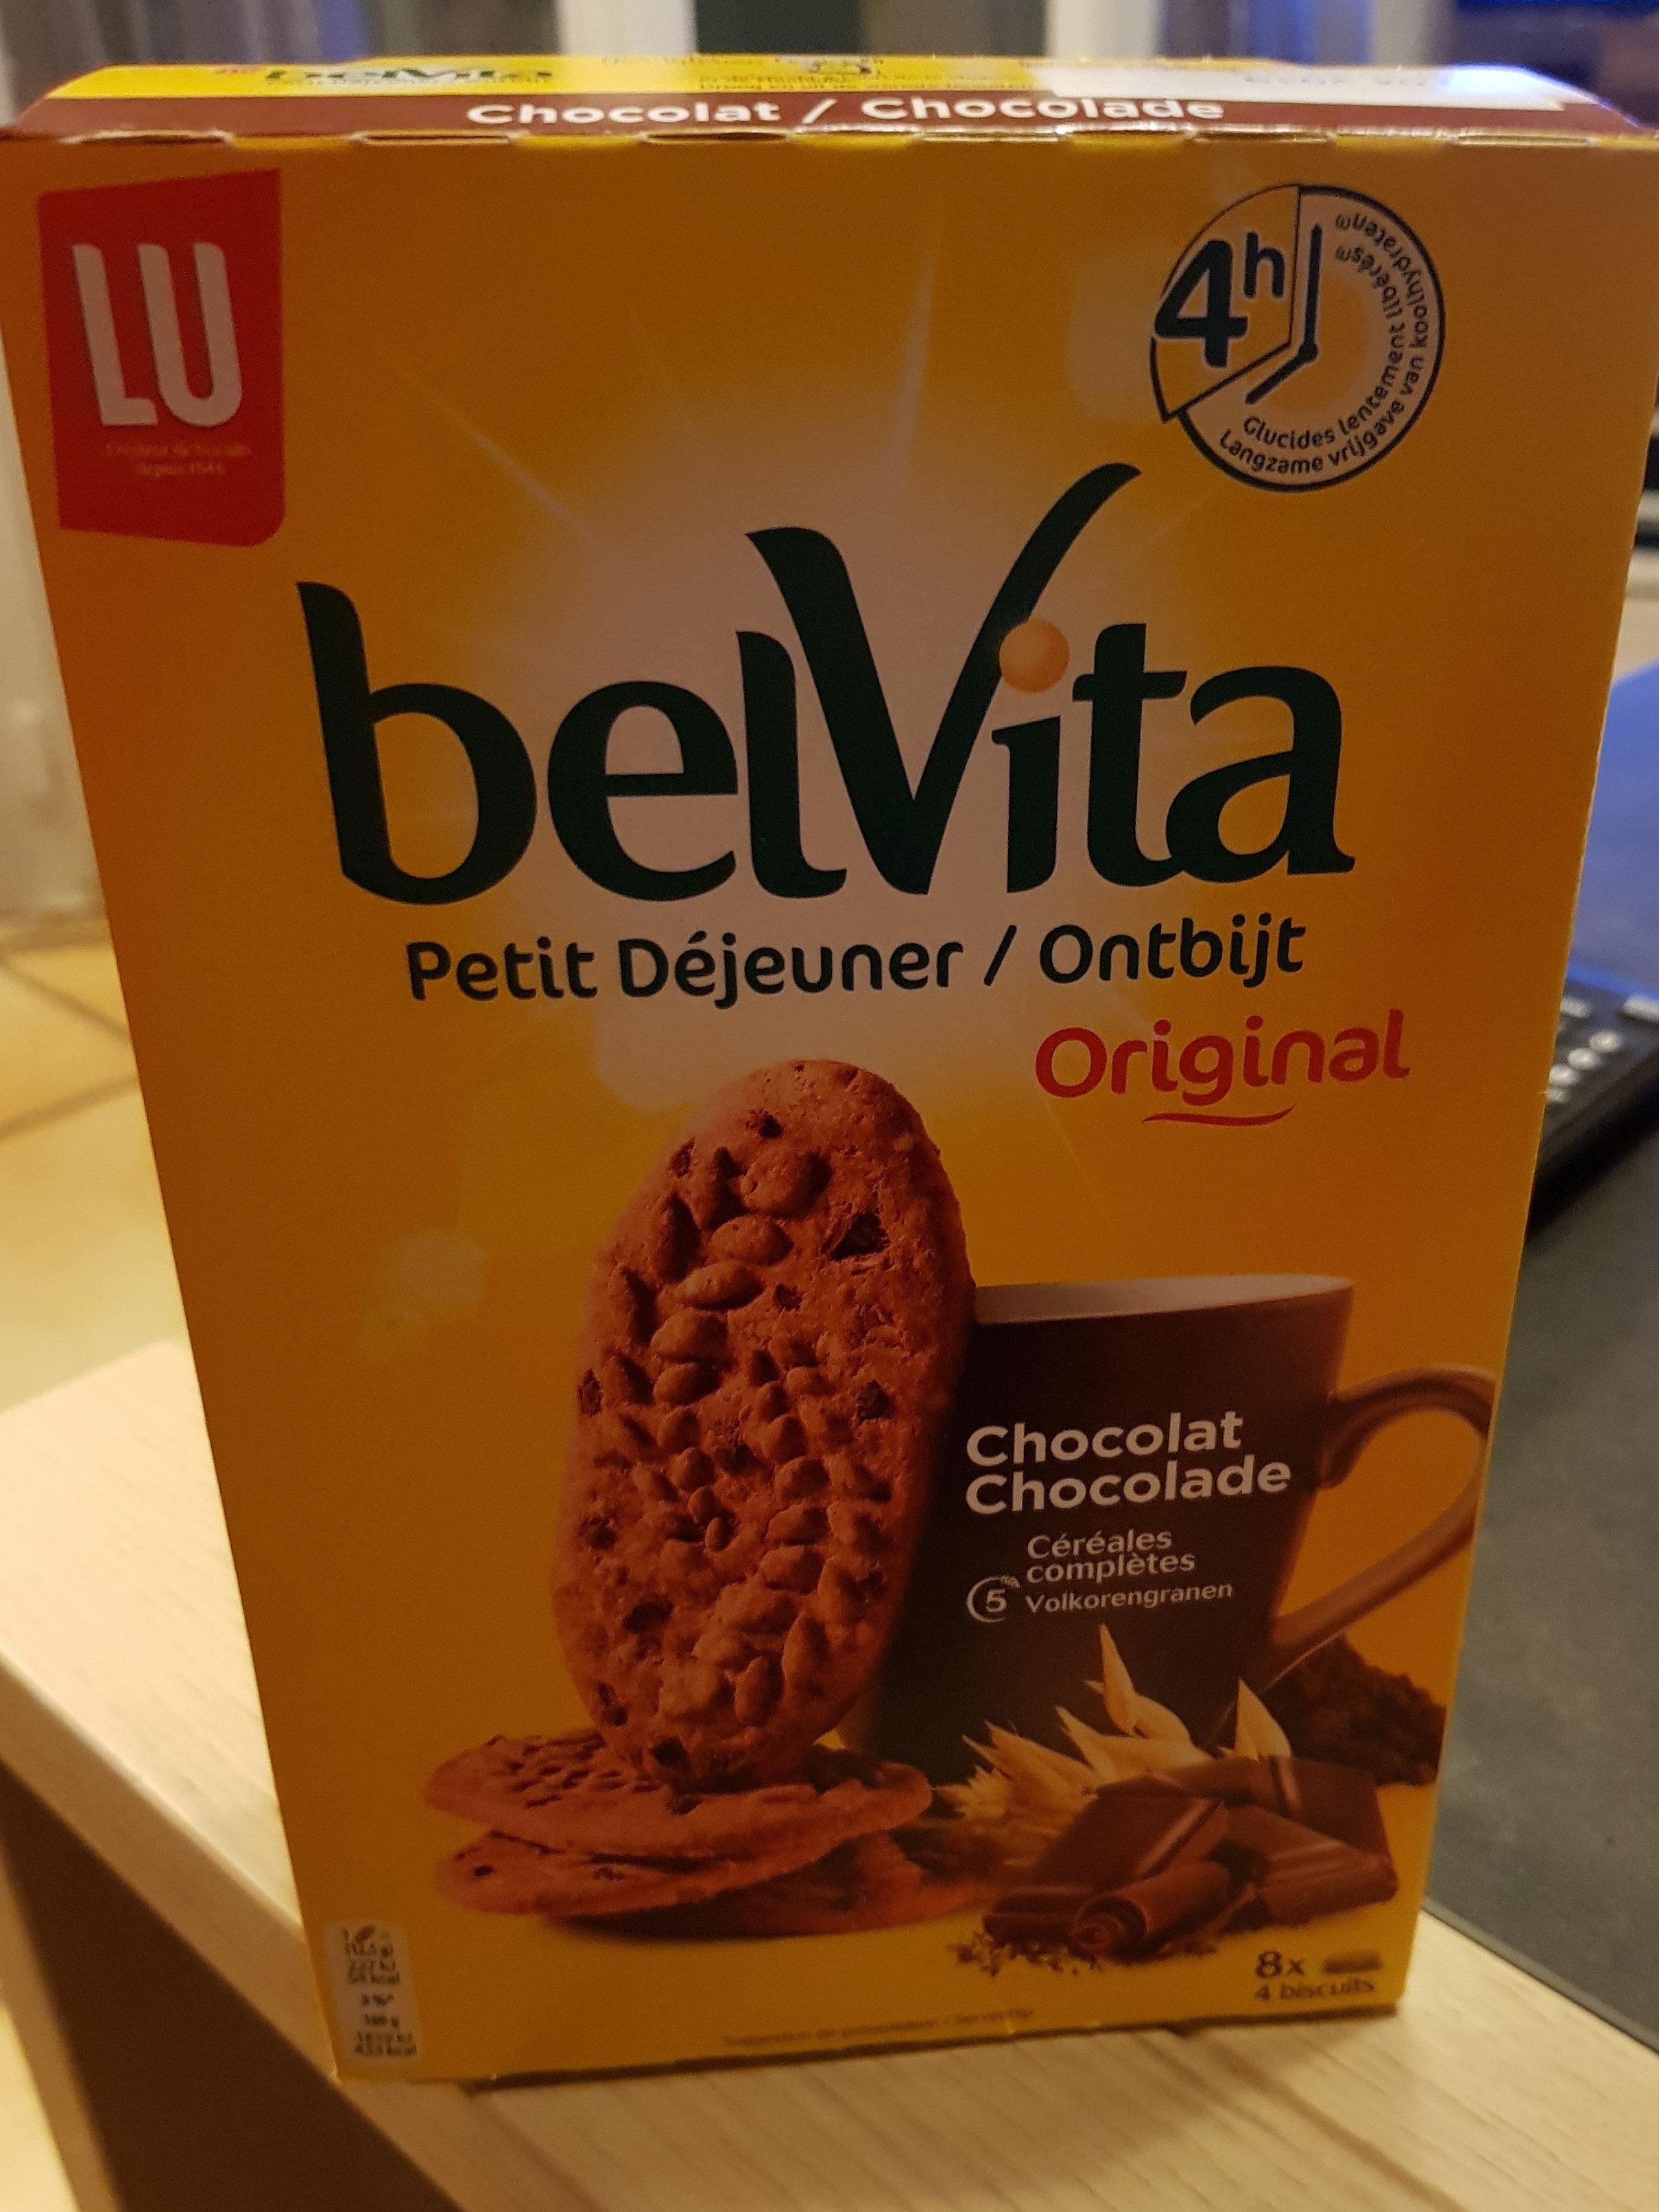 Belvita chocolat et céréales complètes - Product - fr